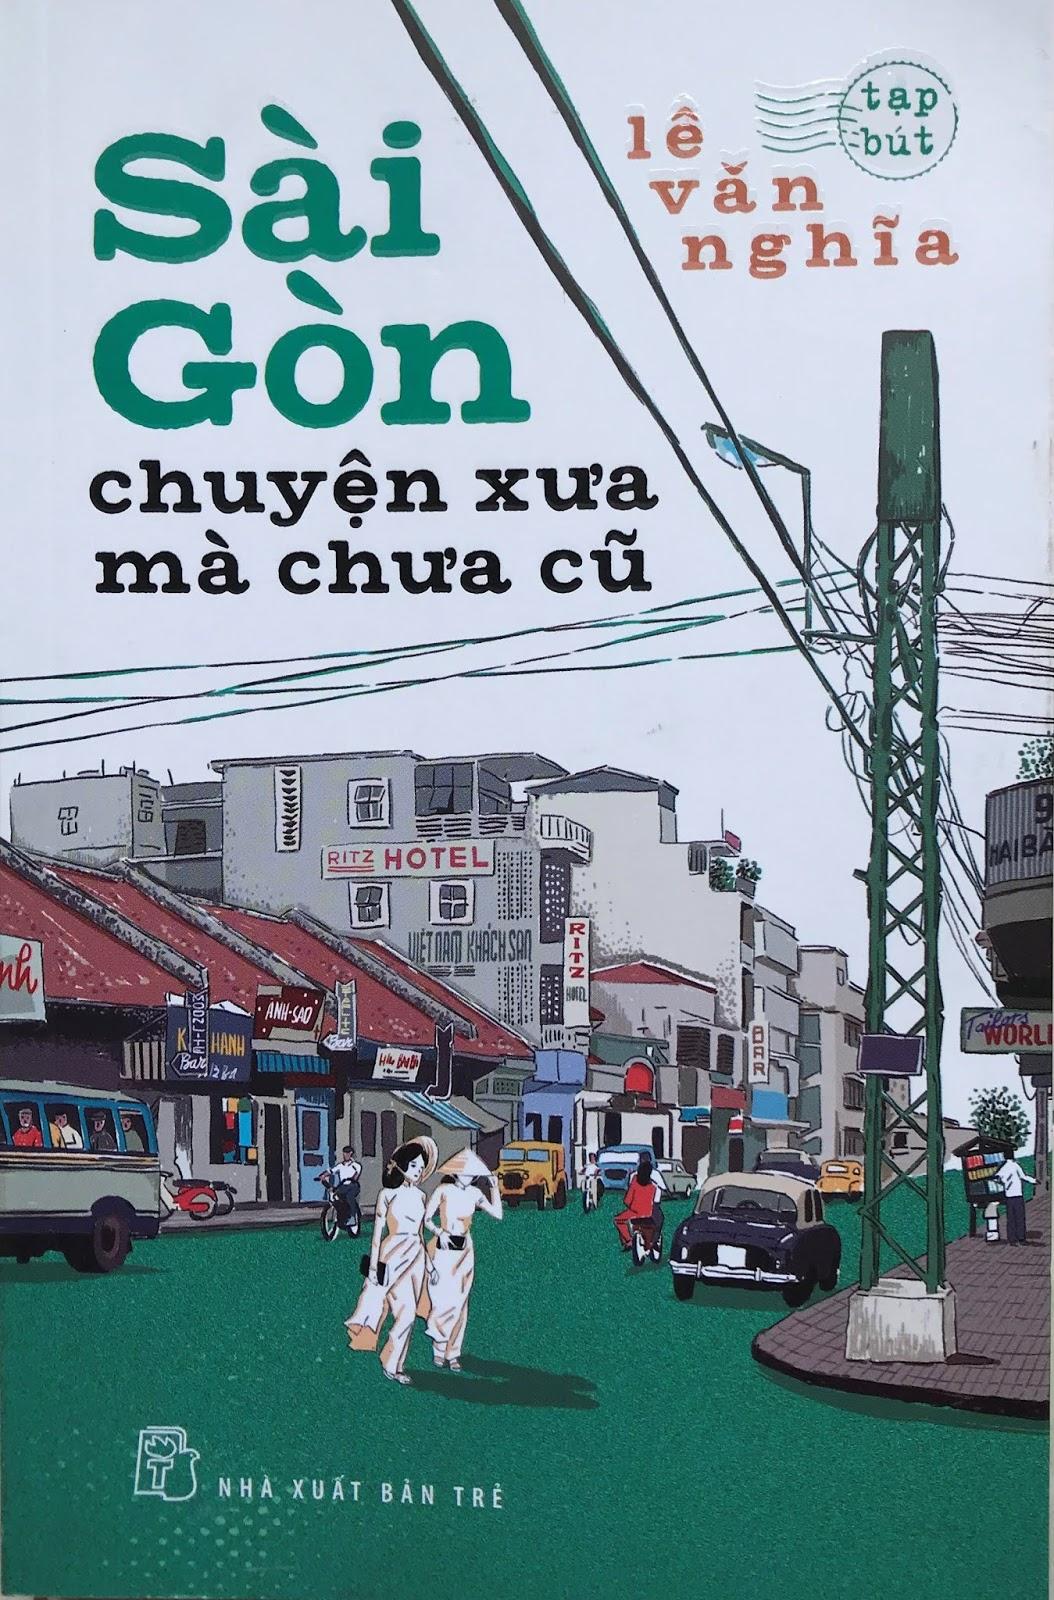 Sài Gòn chuyện xưa mà chưa cũ